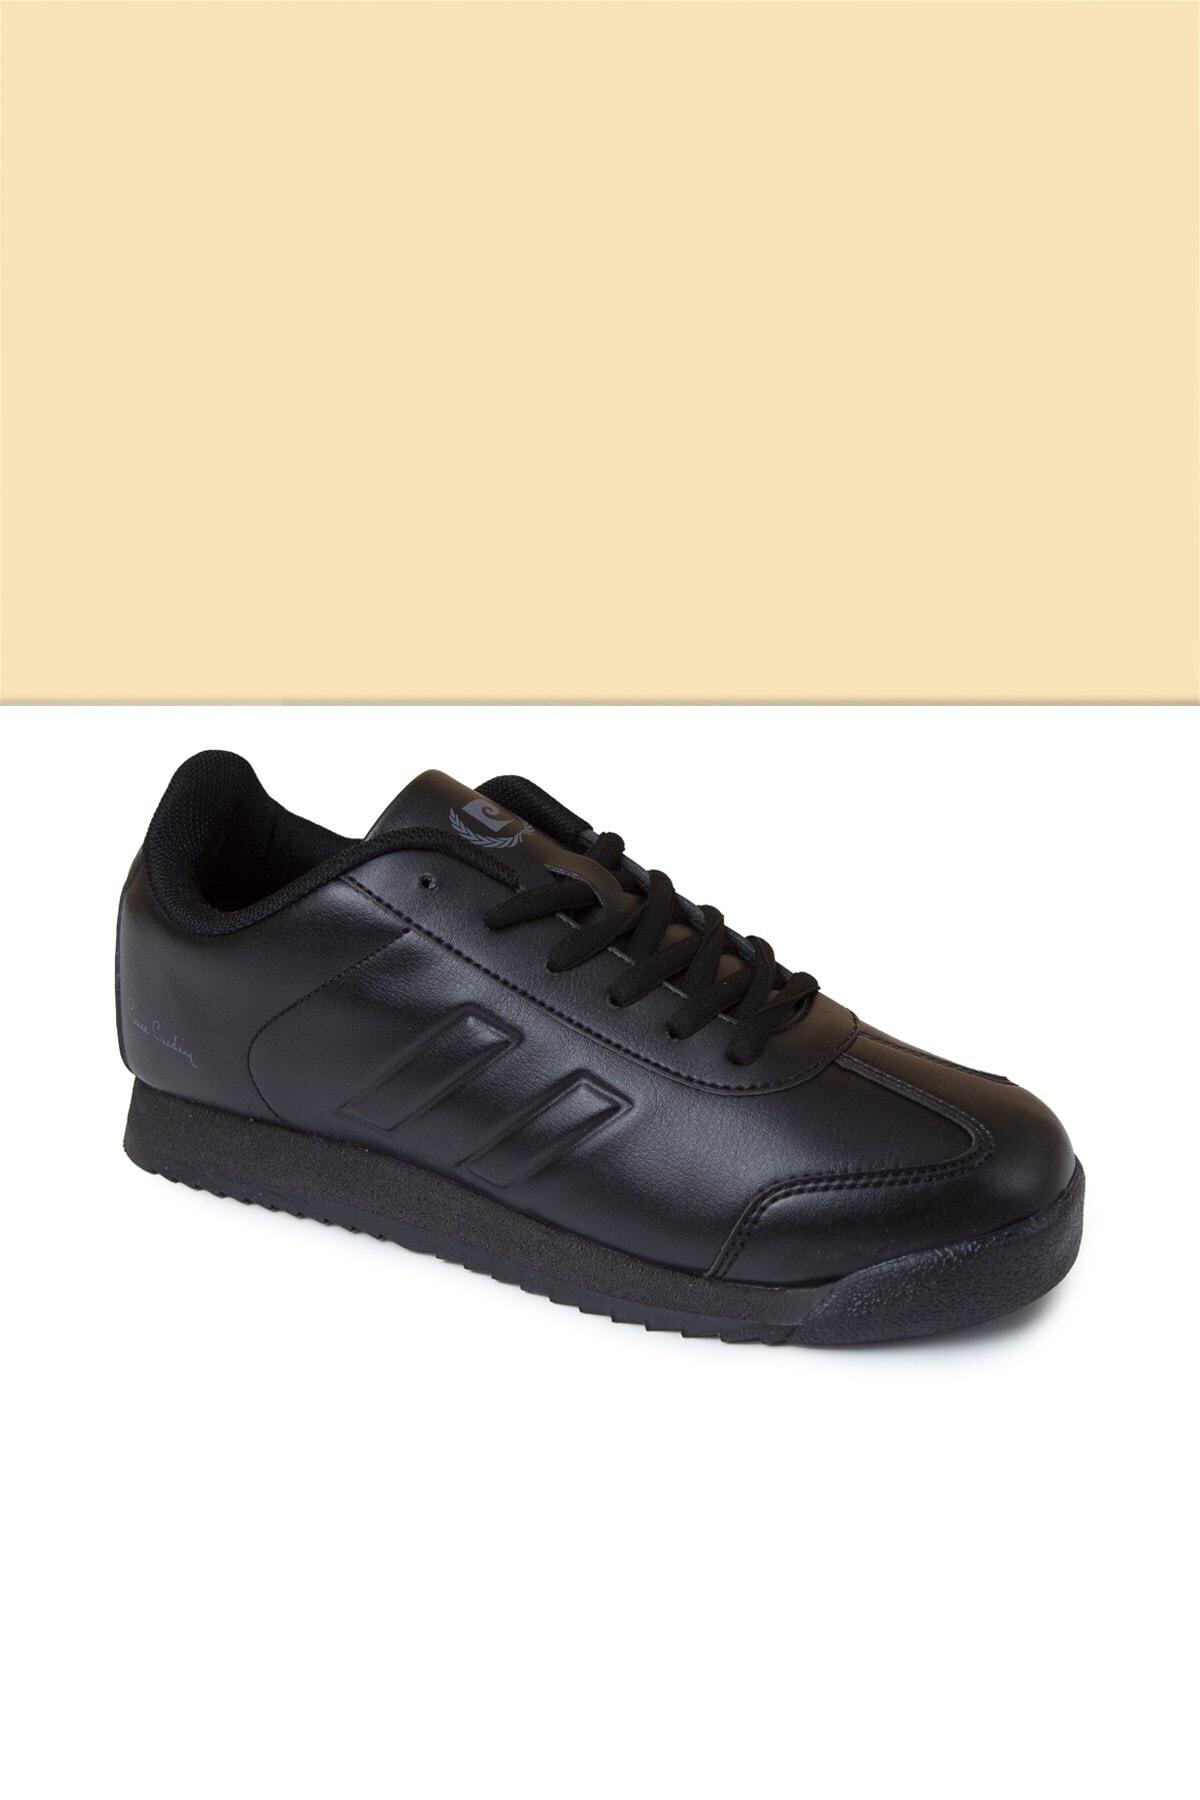 Pierre Cardin Erkek Siyah Ayakkabı Pc-30484 - 3319-01 1